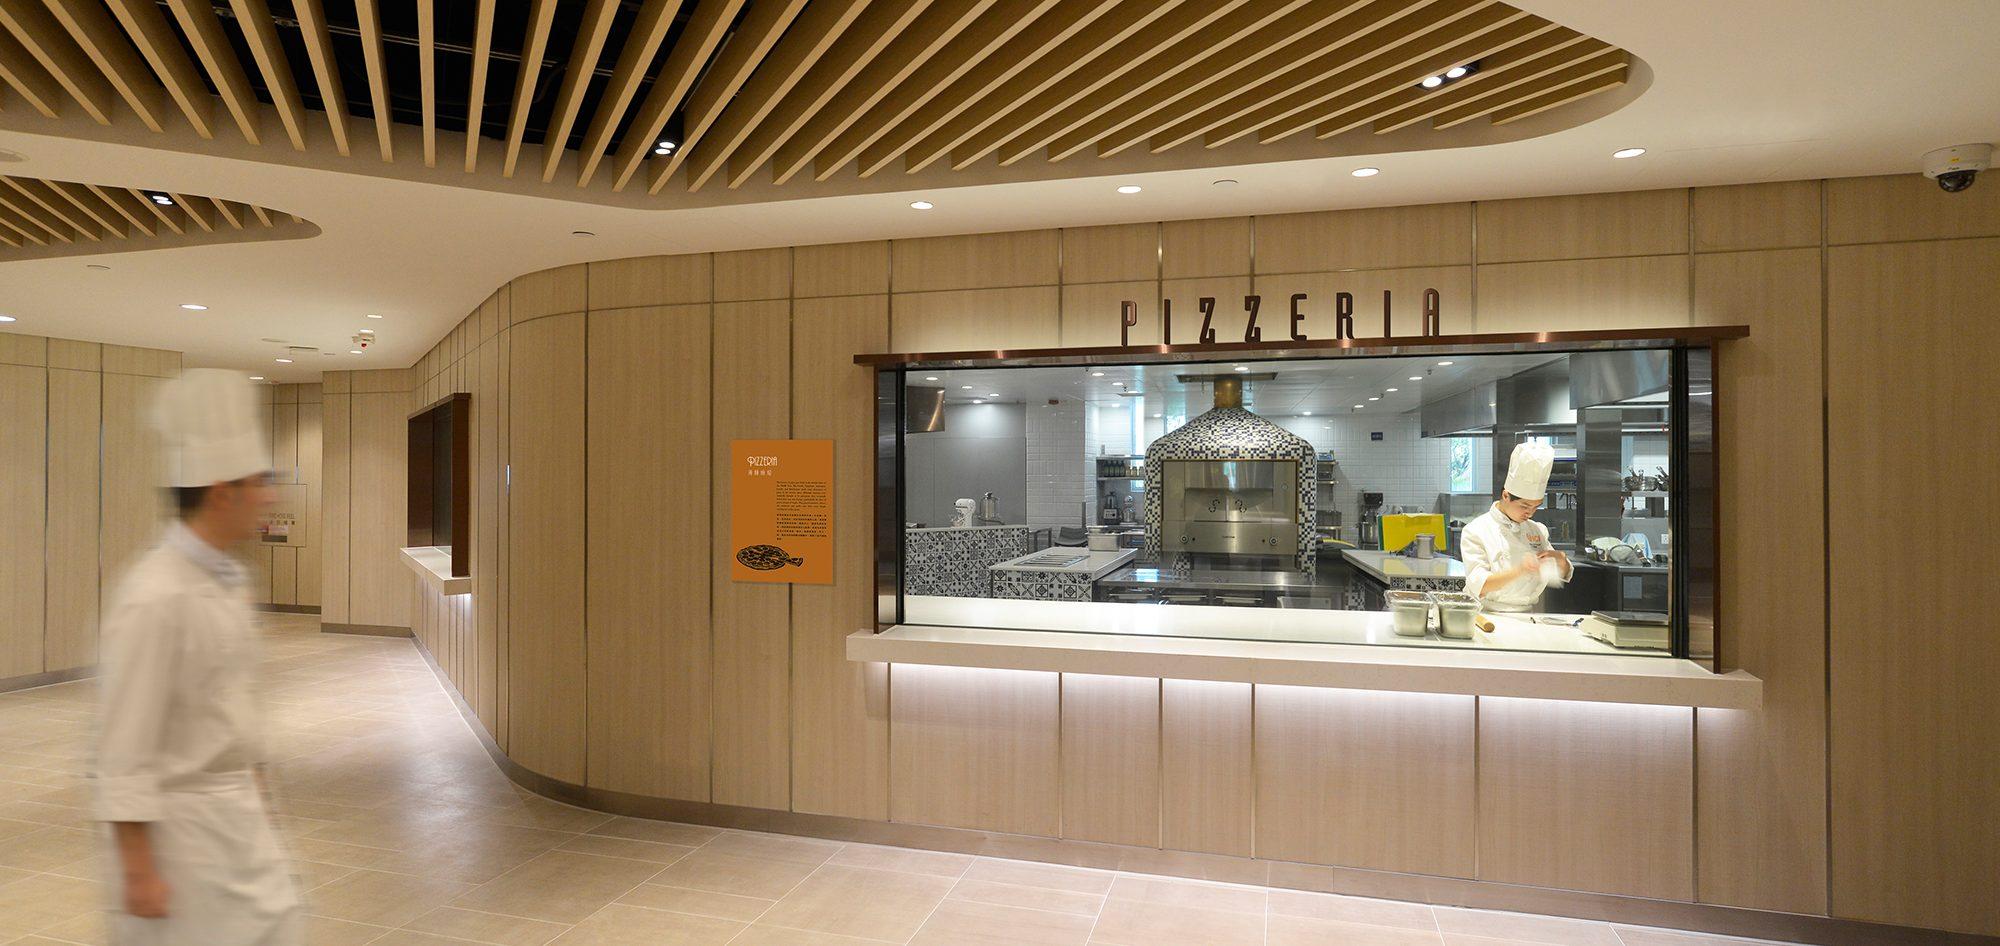 国际厨艺学院